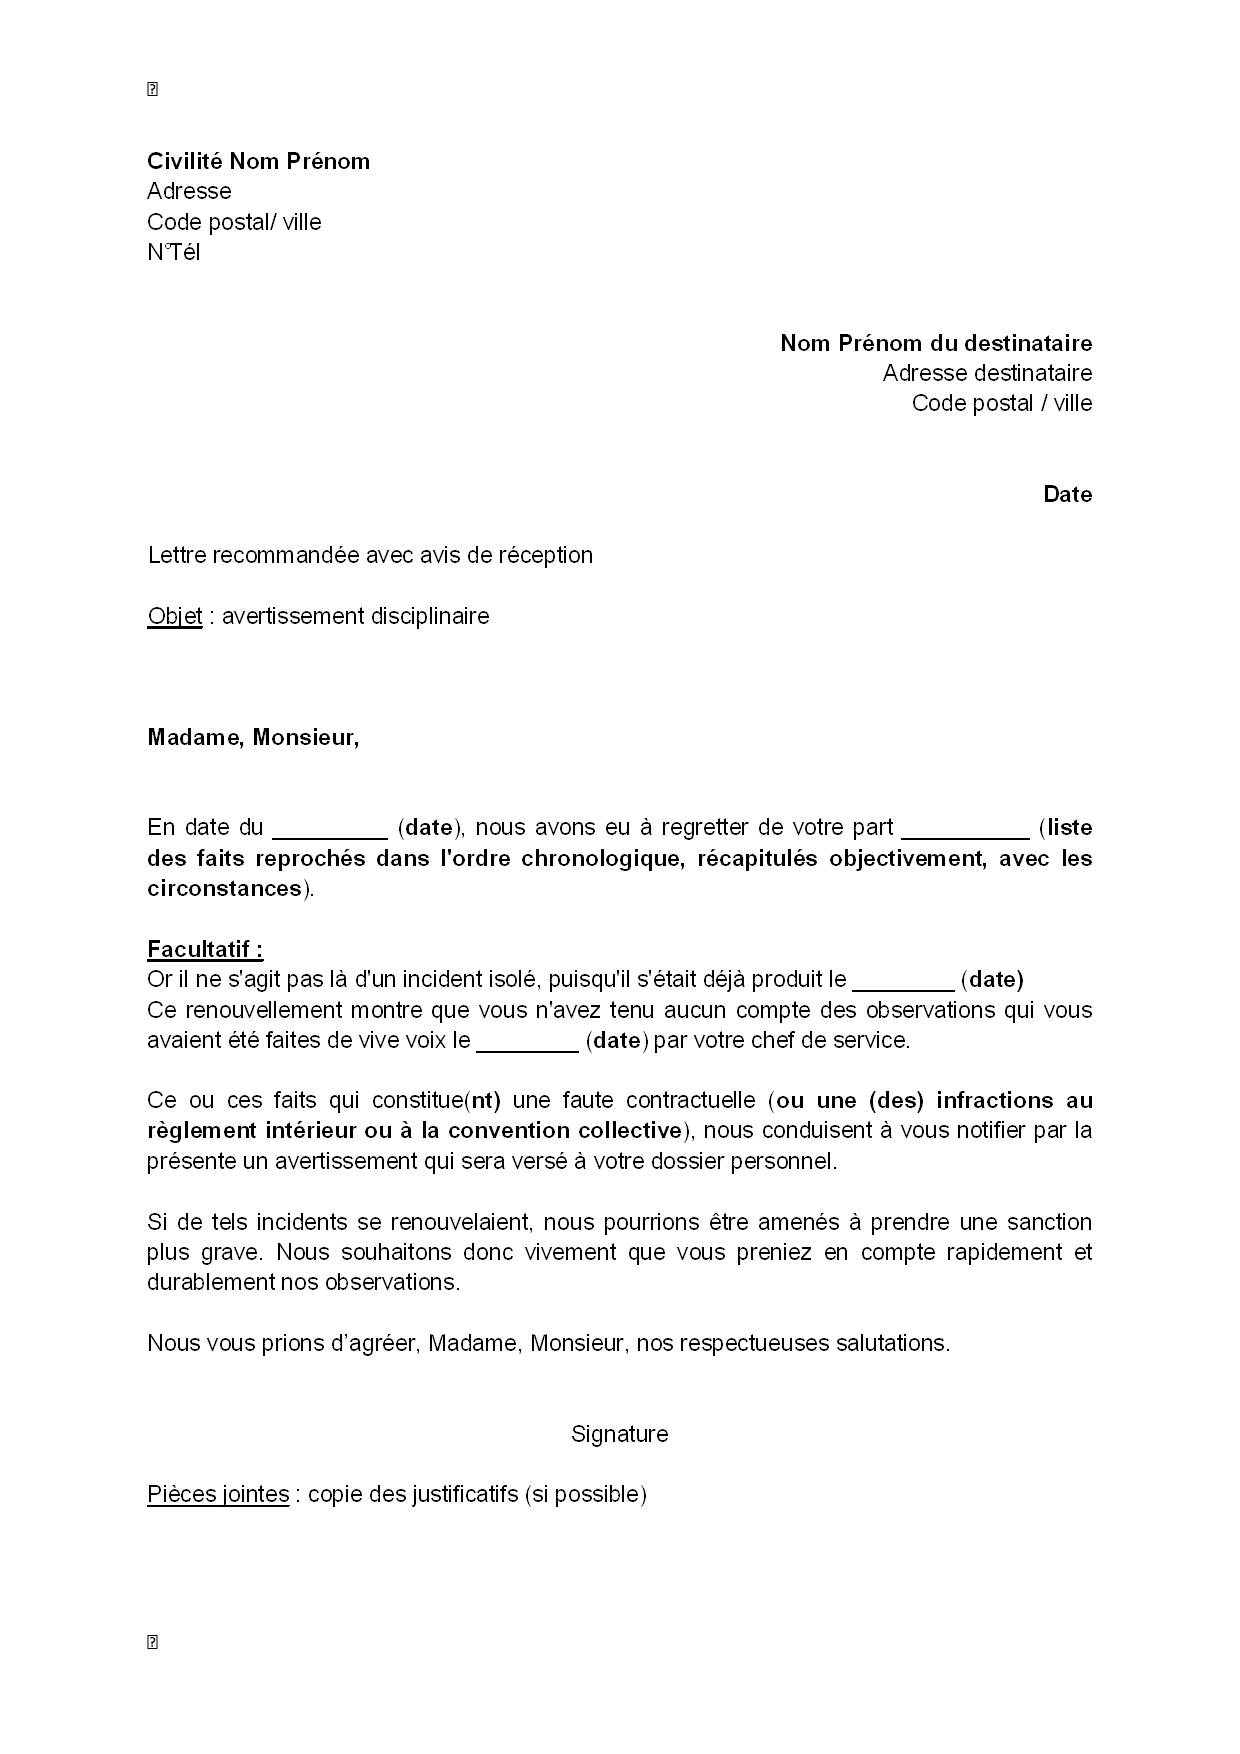 lettre d u0026 39 avertissement disciplinaire au salari u00e9